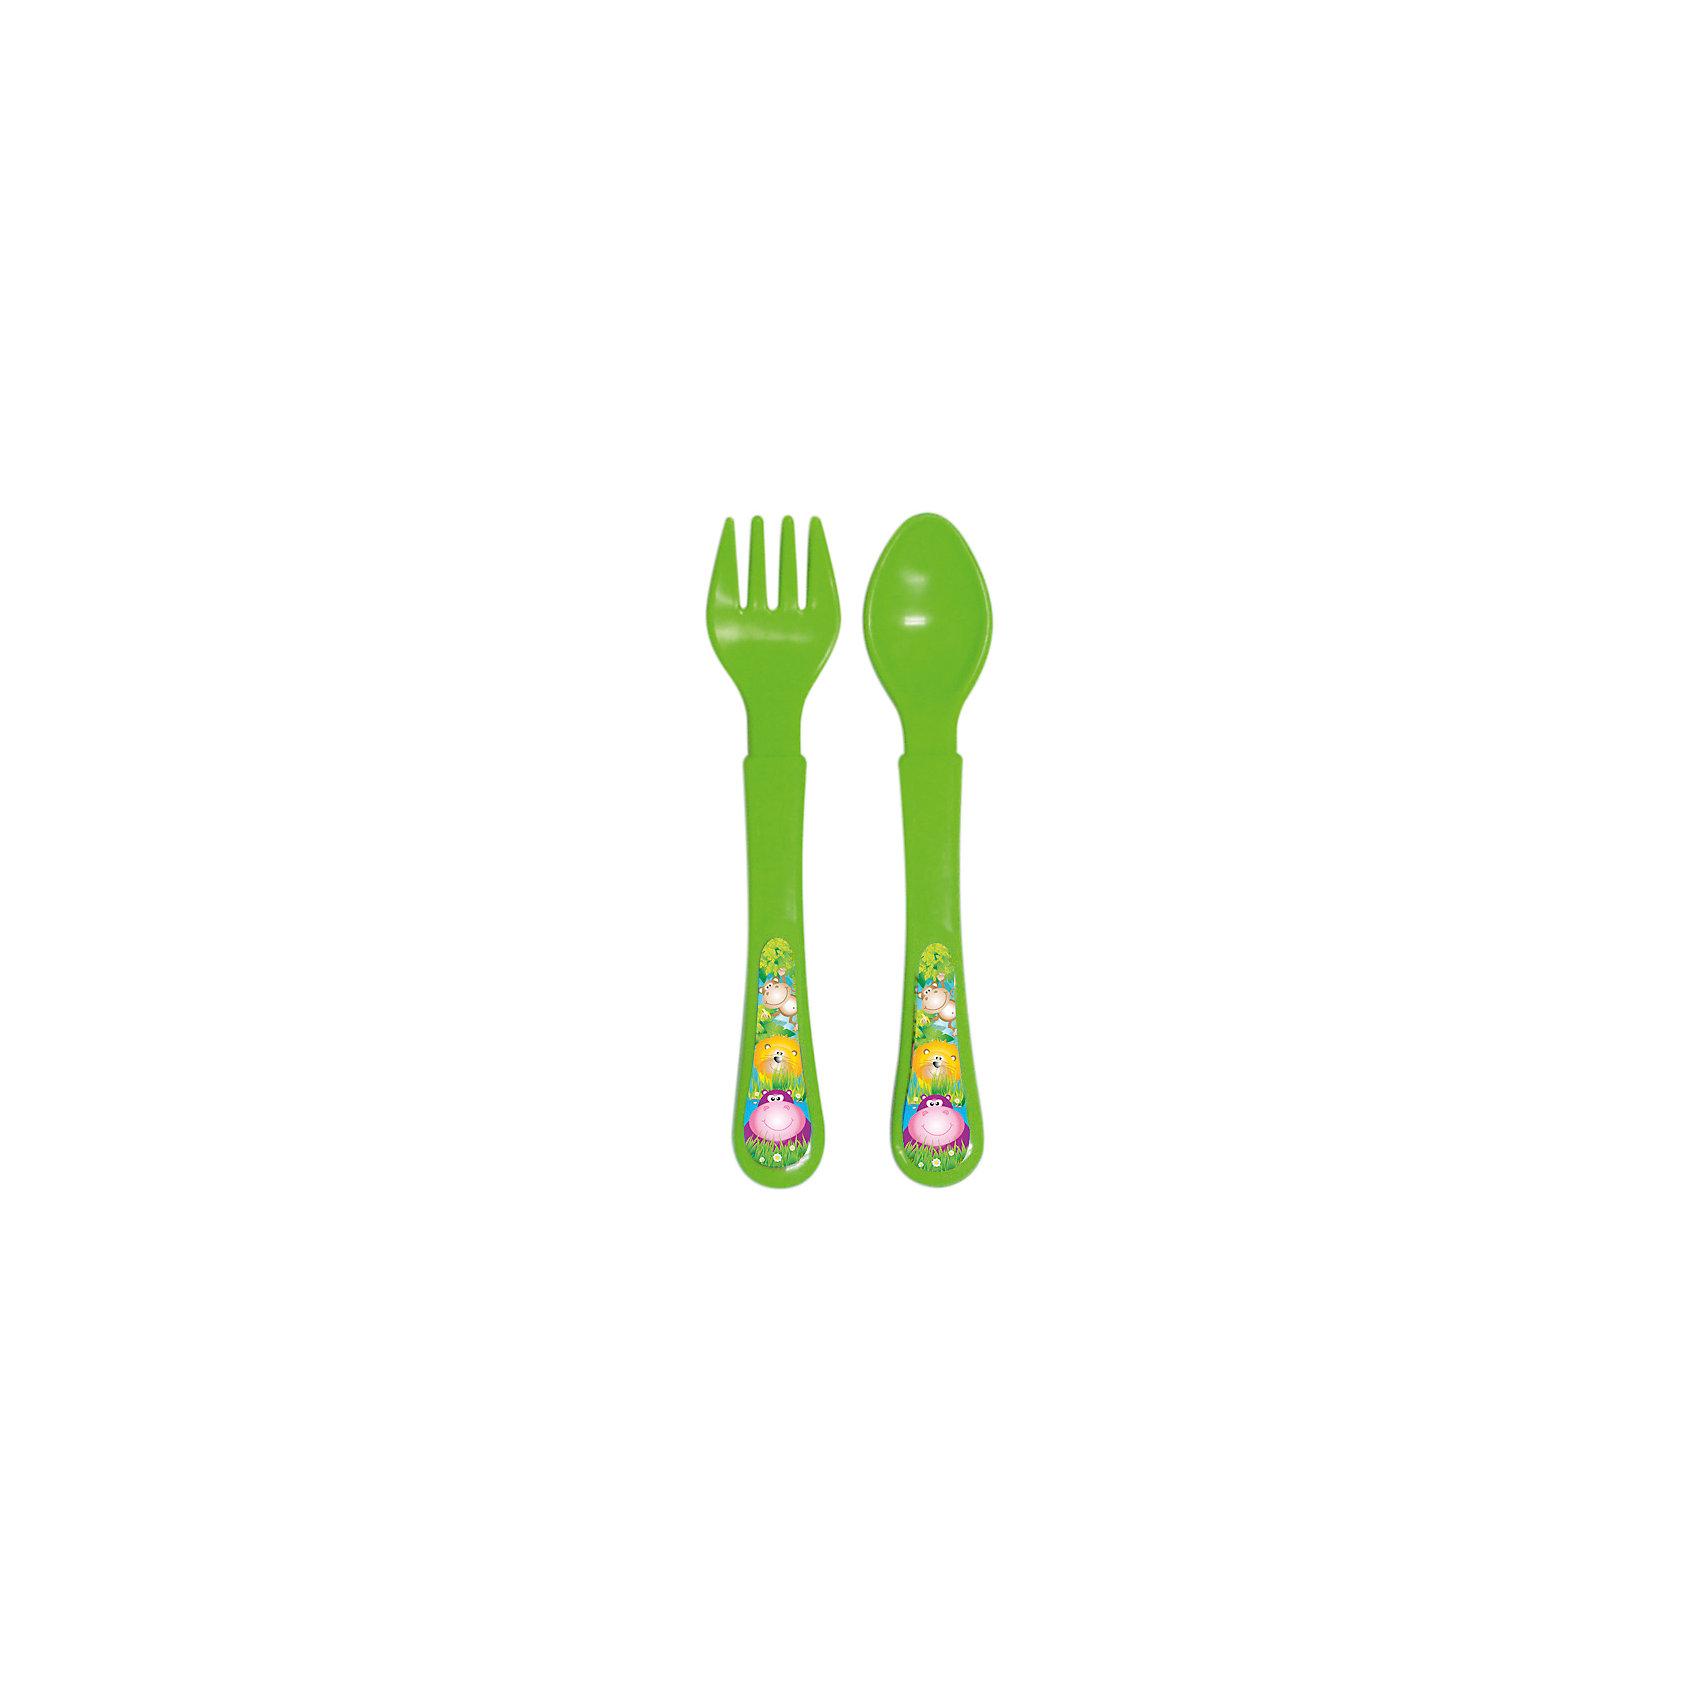 Набор: ложечка и вилочка, серия «Сафари», Kurnosiki, зеленыйПосуда для малышей<br>Характеристики:<br><br>• Наименование: столовые приборы<br>• Материал: пластик<br>• Пол: универсальный<br>• Цвет: зеленый<br>• Тематика рисунка: животные сафари<br>• Комплектация: ложка, вилка<br>• У вилки закругленные зубцы<br>• Удобные ручки<br>• Отсутствие острых краев<br>• Вес: 40 г<br>• Параметры (Д*Ш*В): 20*3*10 см <br>• Особенности ухода: разрешается мыть в посудомоечной машине<br><br>Набор: ложечка и вилочка, серия «Сафари», Kurnosiki, зеленый состоит из двух столовых приборов, выполненных из безопасного и ударопрочного пластика, что обеспечивает их гигиену. У вилки зубцы закругленные, ручки у изделий средней ширины, округлые, что делает из безопасными для маленьких детей. <br><br>Набор: ложечка и вилочка, серия «Сафари», Kurnosiki, зеленый выполнен в ярком дизайне: на ручках нанесены изображения животных сафари. Рисунок устойчивый, не стирается и не изменяет цвет даже при частом использовании. Набор столовых приборов от Курносиков позволит научить вашего малыша правильно пользоваться вилкой и ложкой без особого труда!<br><br>Набор: ложечка и вилочка, серия «Сафари», Kurnosiki, зеленый можно купить в нашем интернет-магазине.<br><br>Ширина мм: 20<br>Глубина мм: 90<br>Высота мм: 200<br>Вес г: 41<br>Возраст от месяцев: 4<br>Возраст до месяцев: 36<br>Пол: Унисекс<br>Возраст: Детский<br>SKU: 5428706